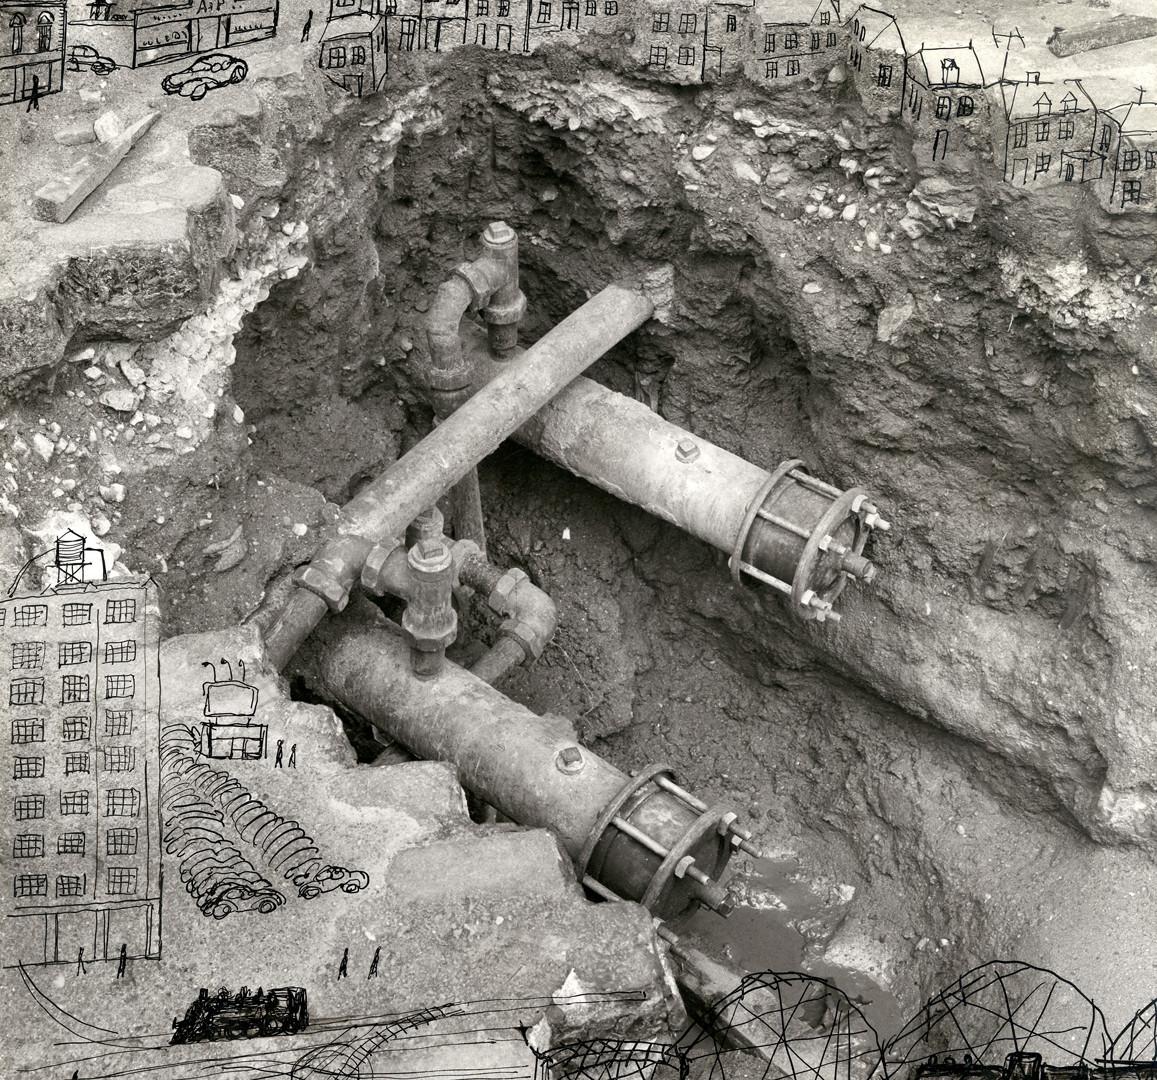 Saul Steinberg, Excavation, 1952